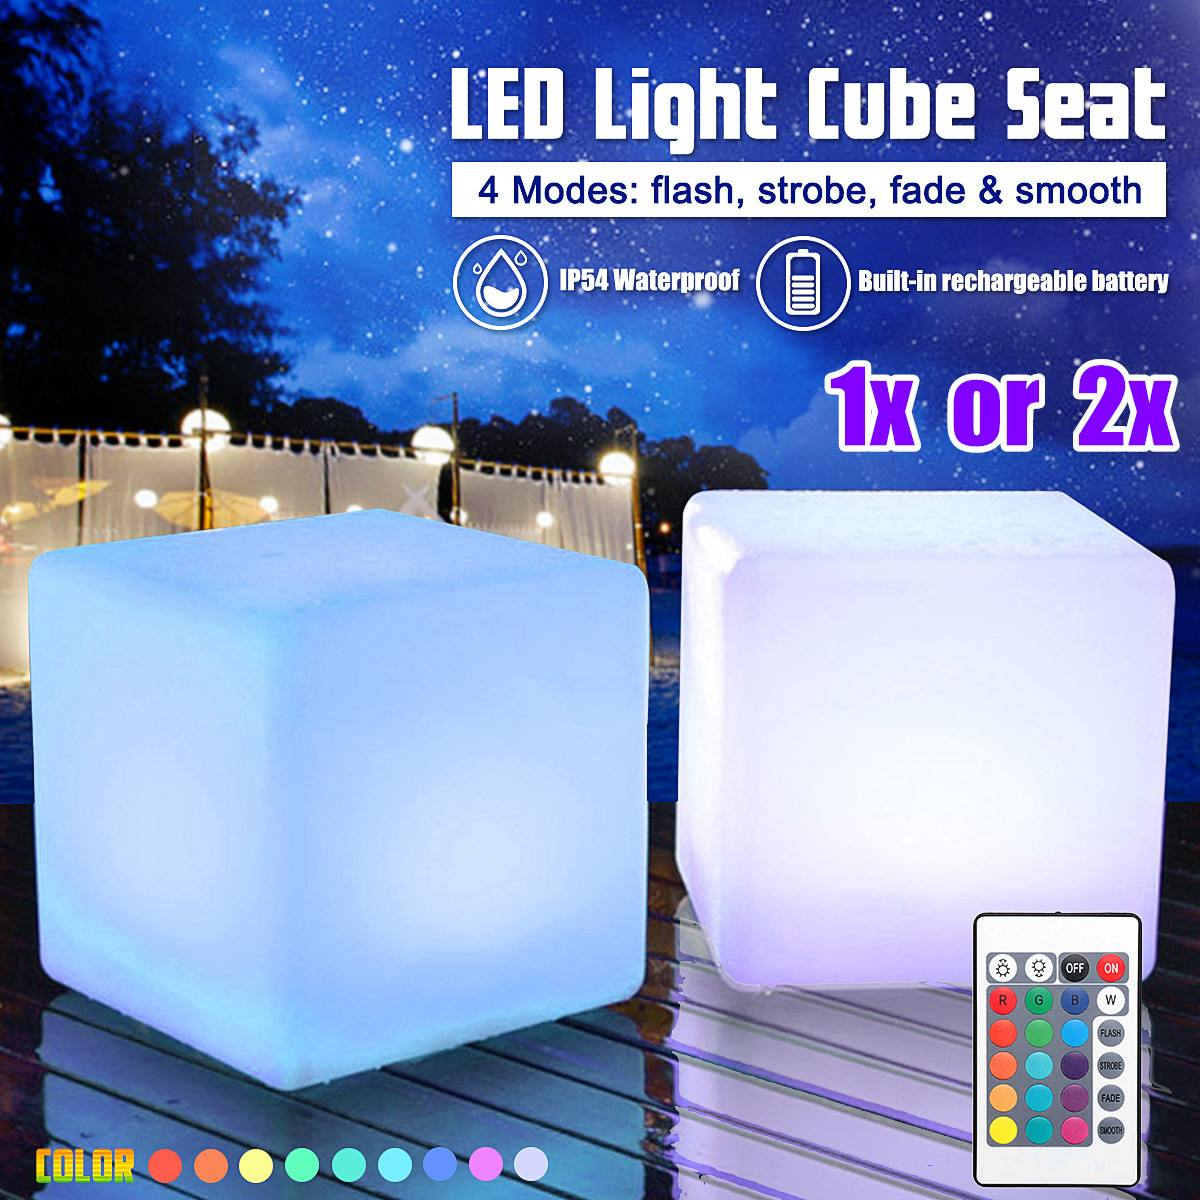 Asiento en forma de cubo ligero con RGB LED de 20cm, silla impermeable recargable, iluminación LED + mando a distancia para Bar, decoración del hogar de alta calidad